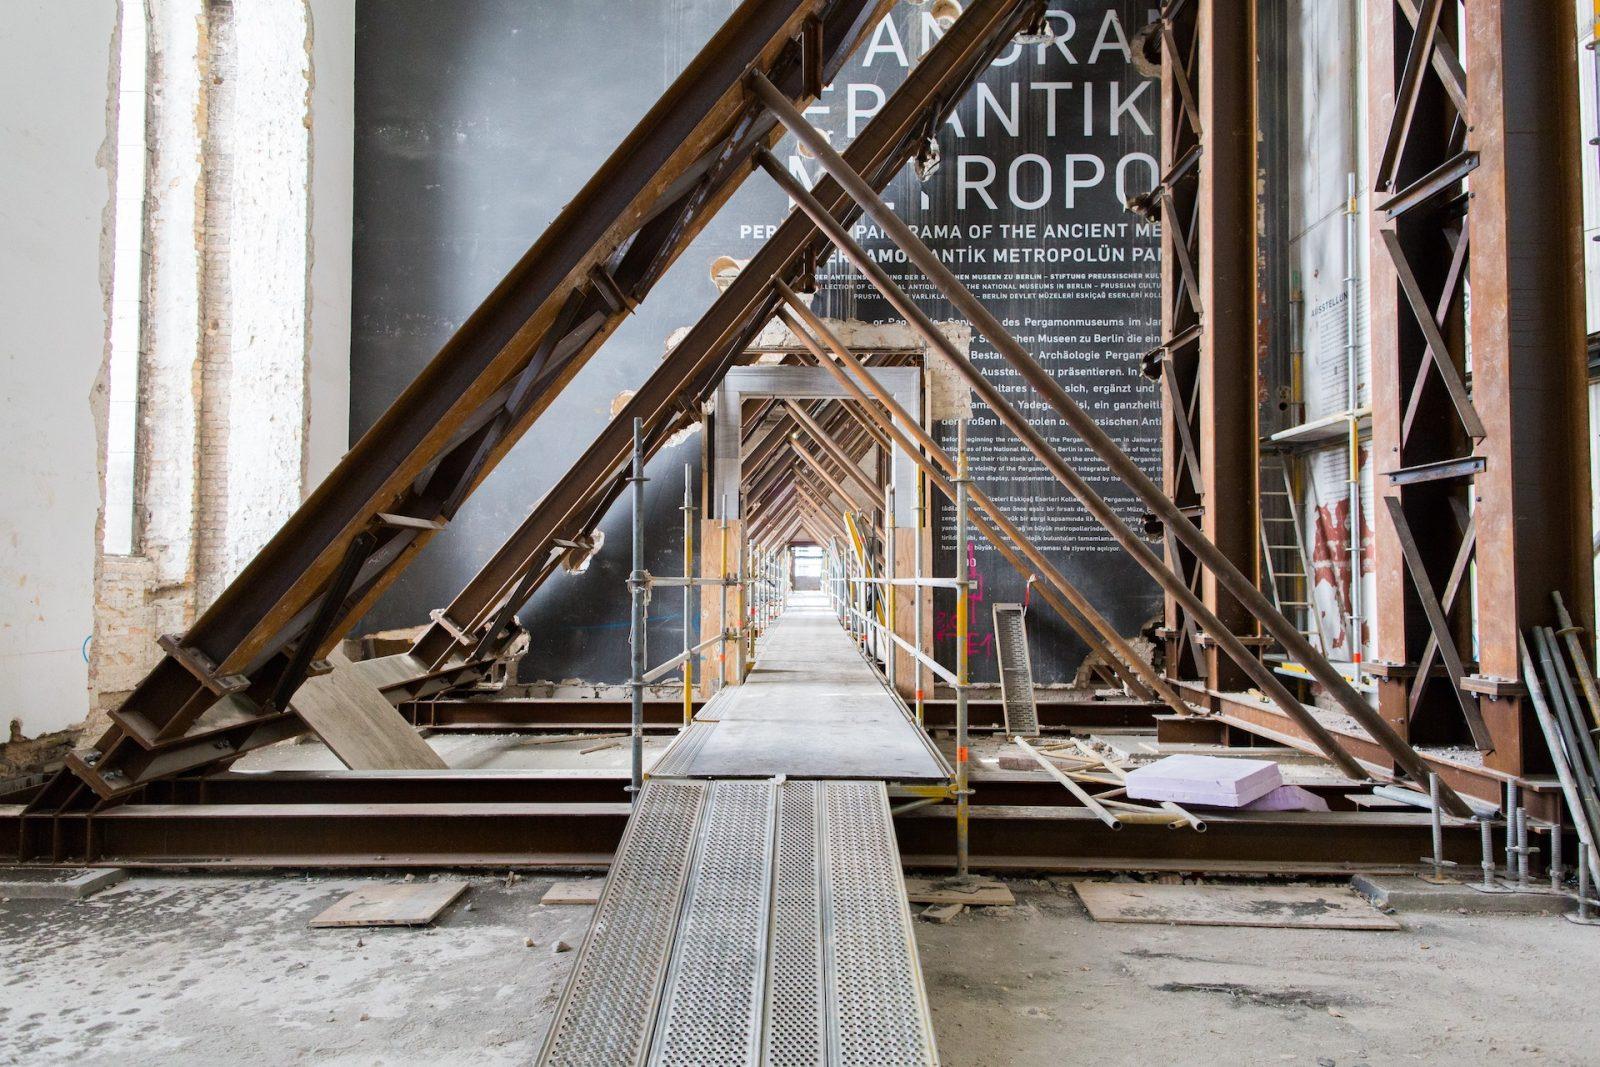 Sanierungsarbeiten im Pergamon-Museum auf der Berliner Museumsinsel